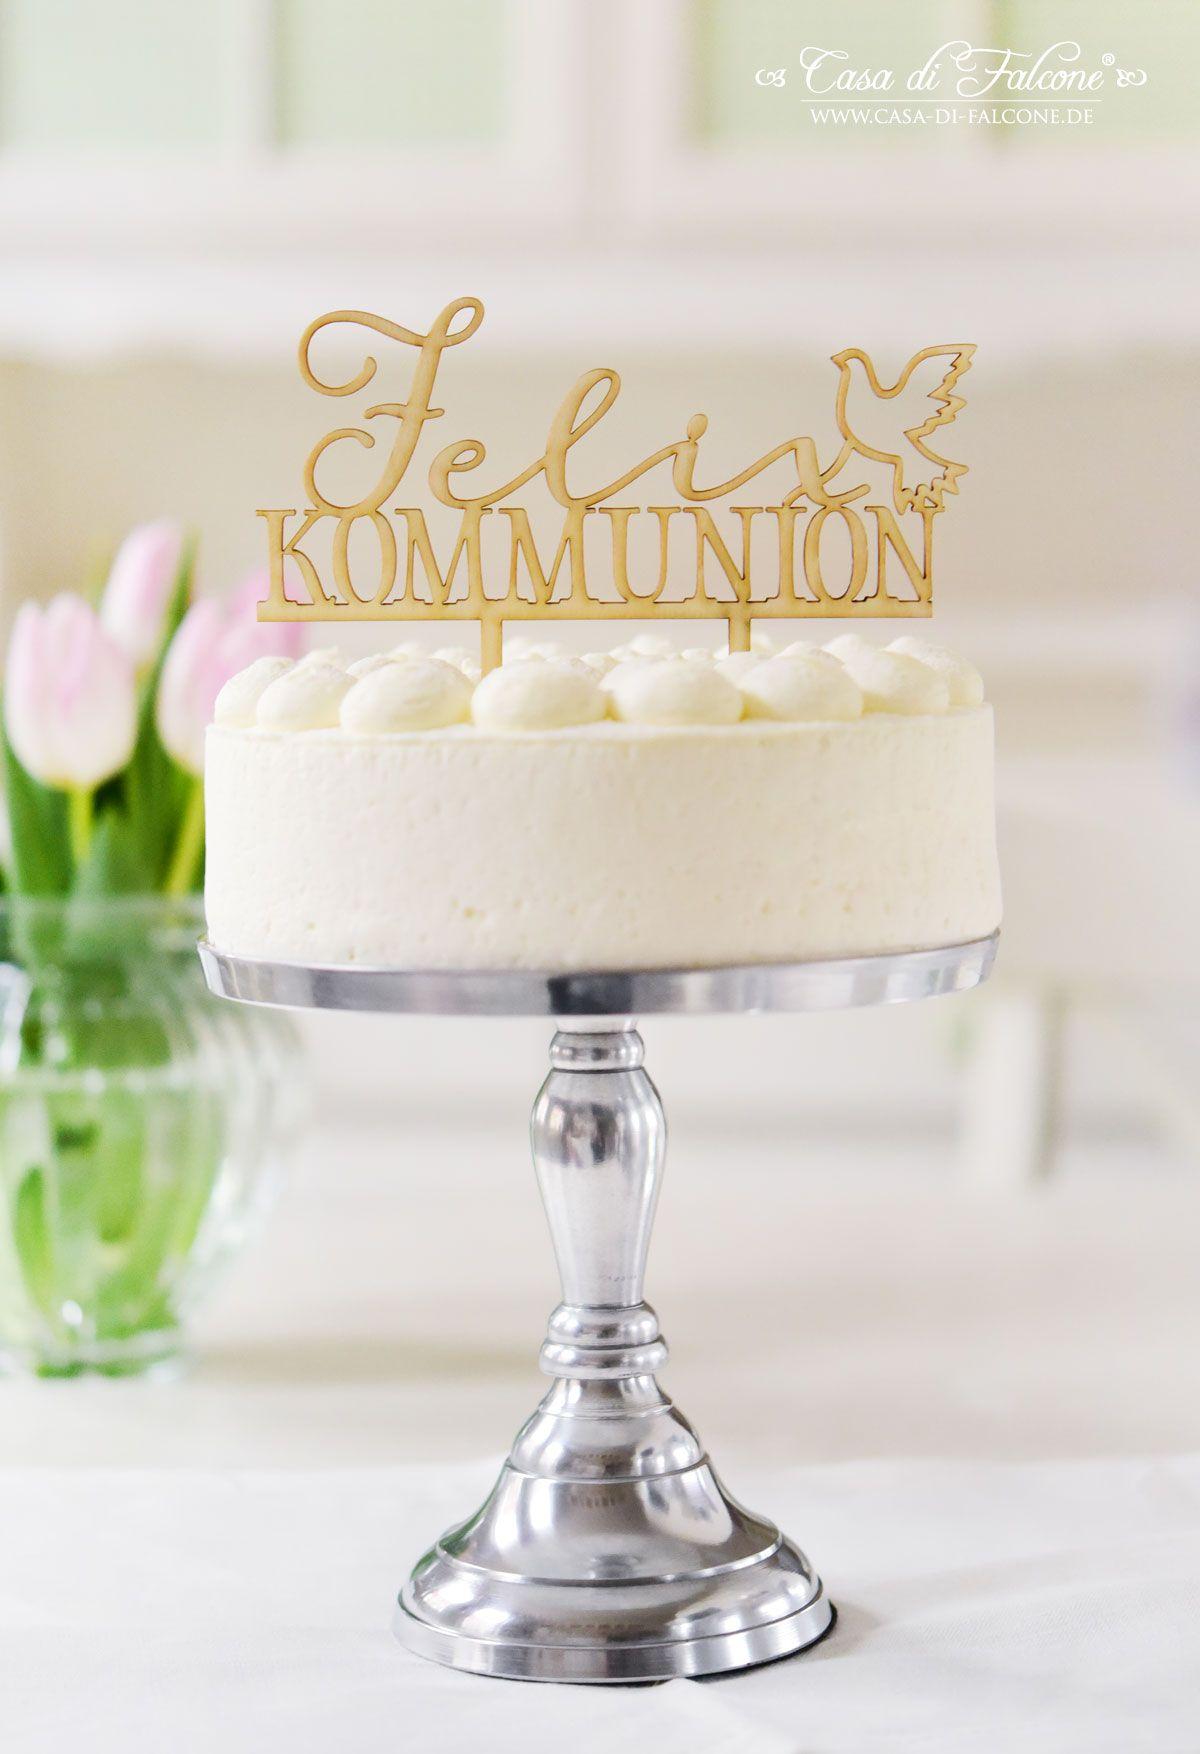 Der Personalisierte Cake Topper Mit Namen Und Einer Taube Sieht Auf Kommunions Oder Konfirmationstorten Ganz Zaub Kommunion Torte Kommunion Konfirmationstorte